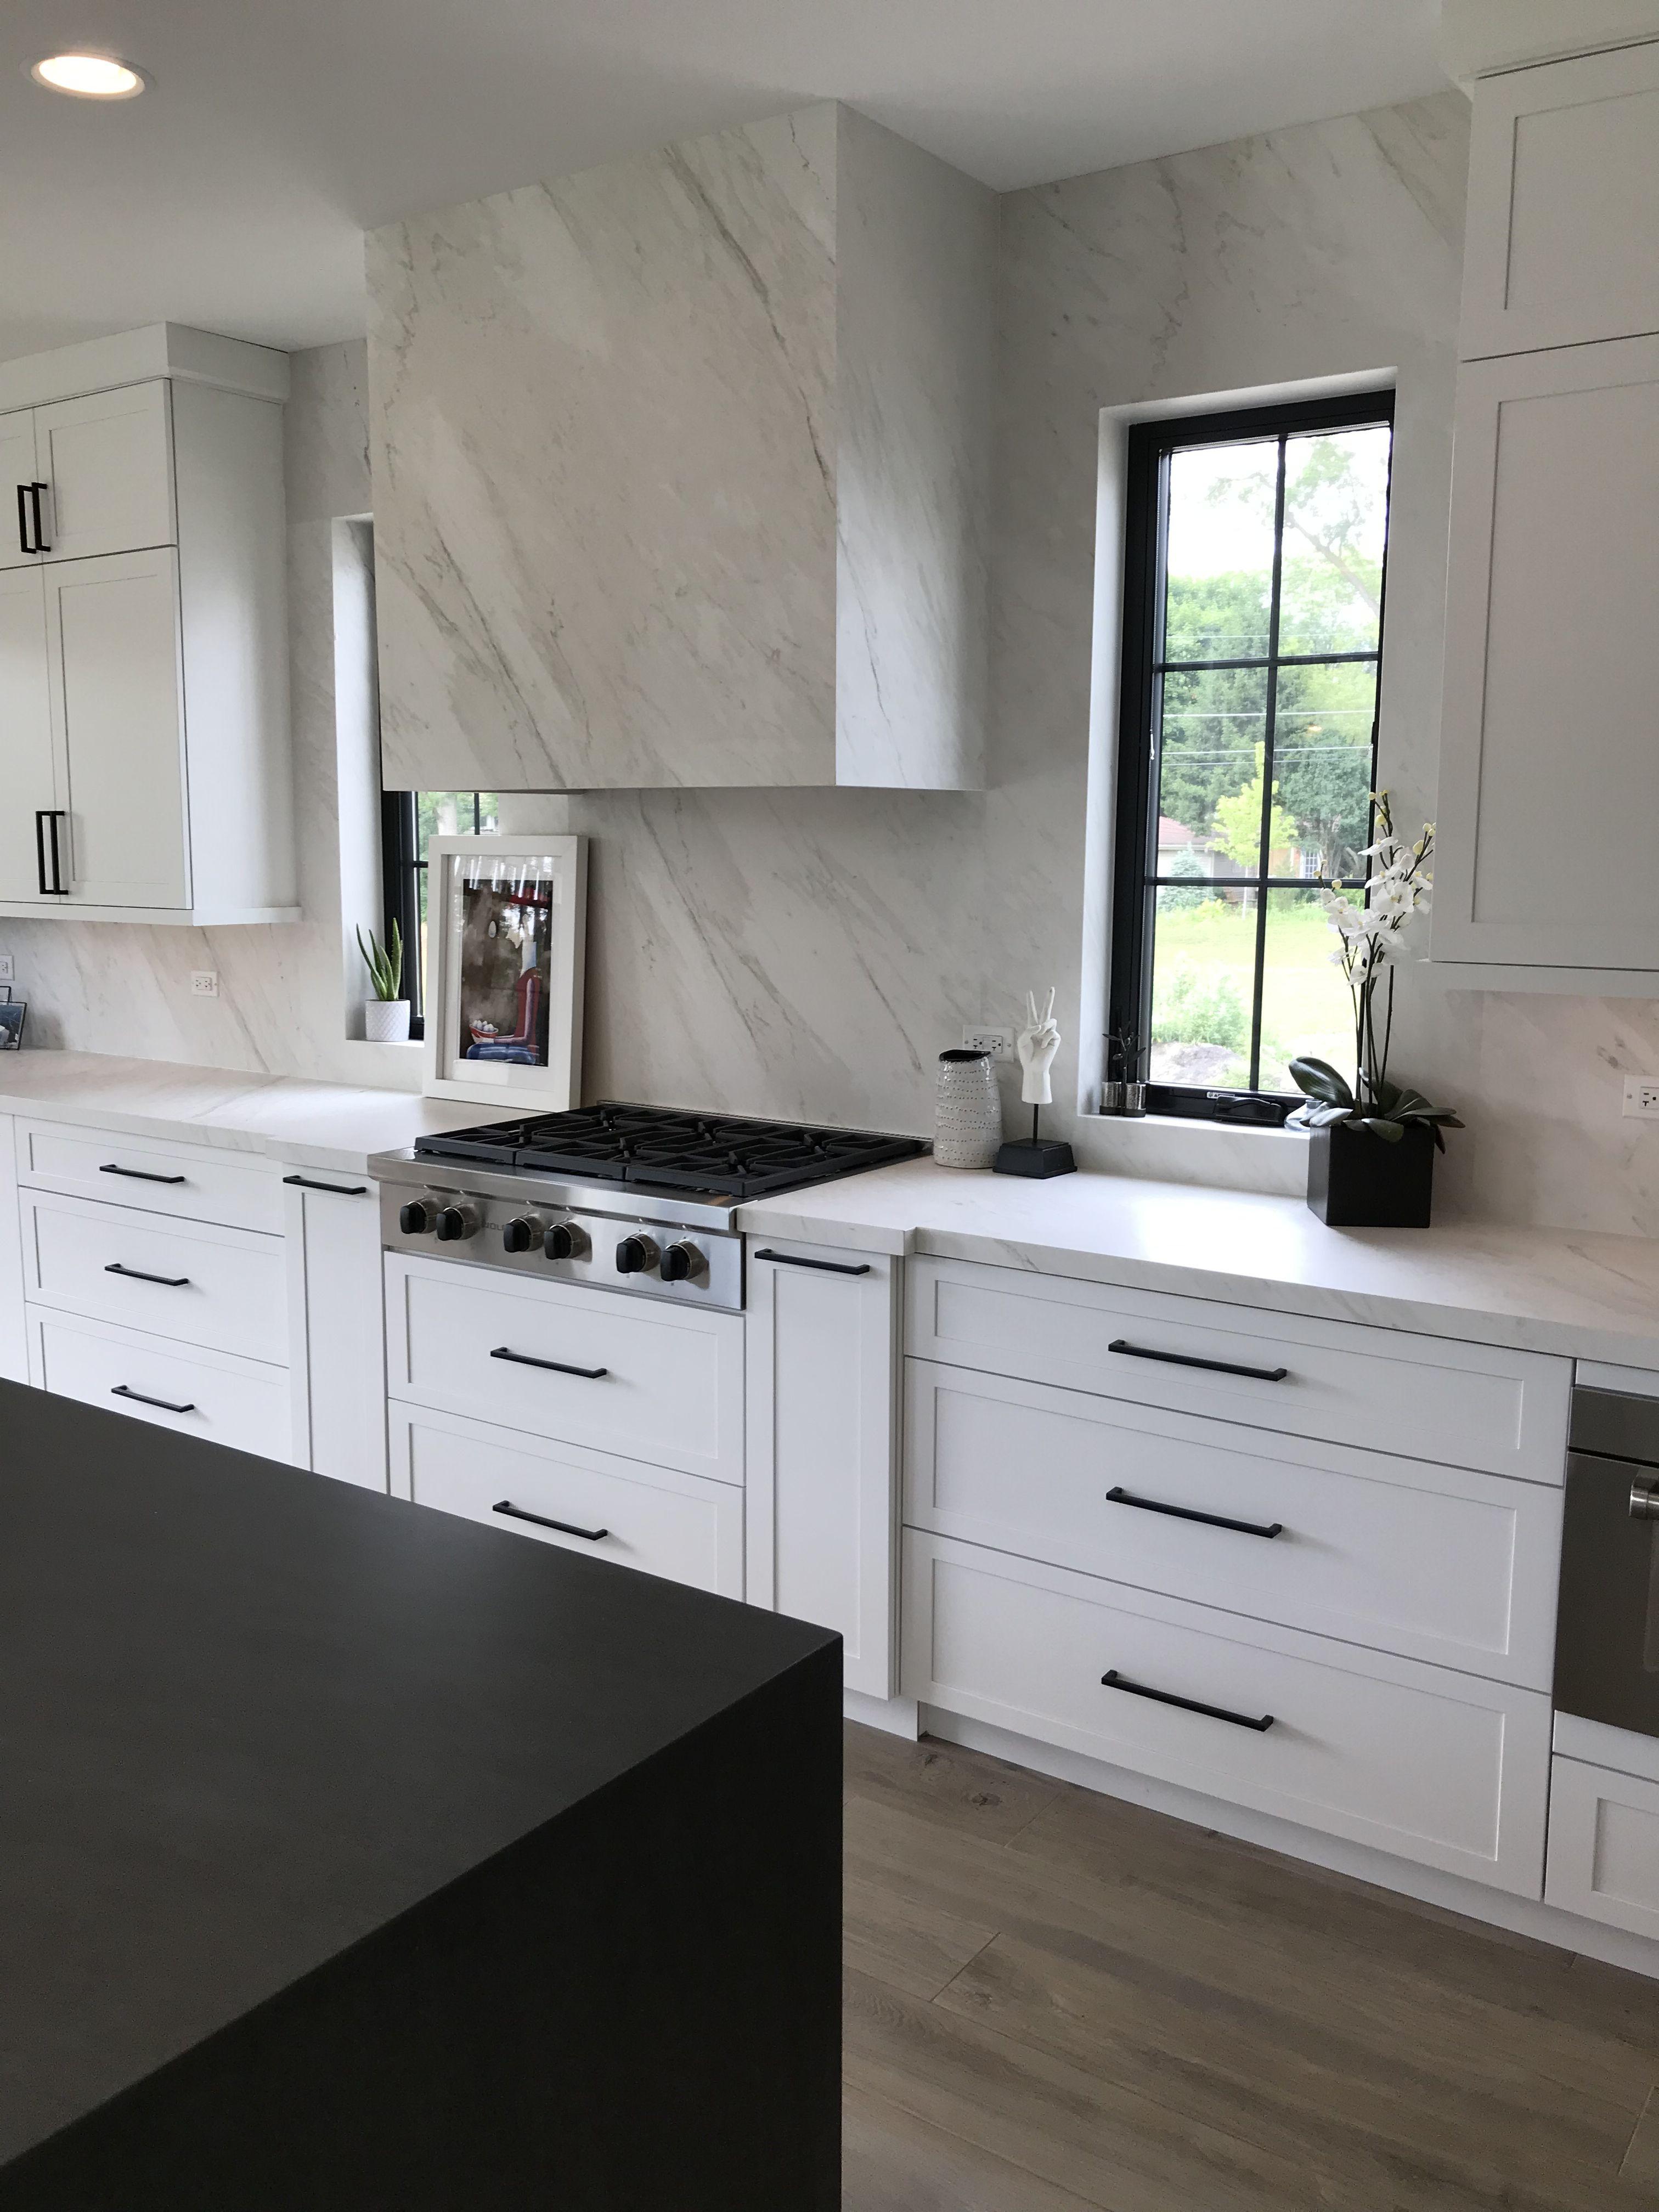 Black & white kitchen. Modern farmhouse. in 2020 White